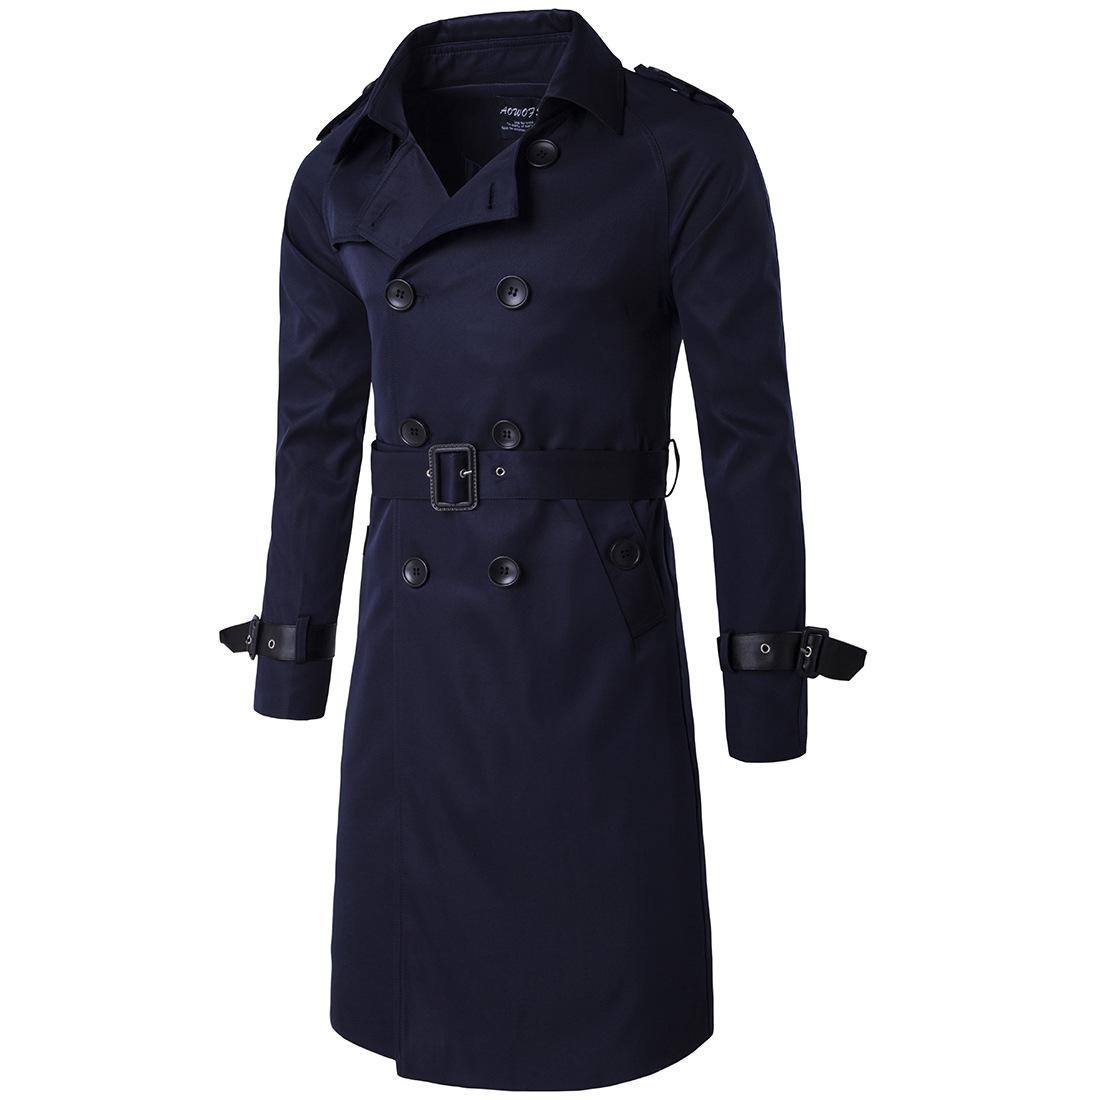 เสื้อโค้ท trench coat เทรนช์โค้ทผู้ชาย สีน้ำเงินกรมท่า ตัวยาว กระดุมหน้า แขนยาว ทรงตรง ปลายแขนแต่งหนังเป็นเข็มขัด กระเป๋าข้างใช้งานได้ มาพร้อมเข็มขัดเข้าชุด งานเรียบหรูมากๆ